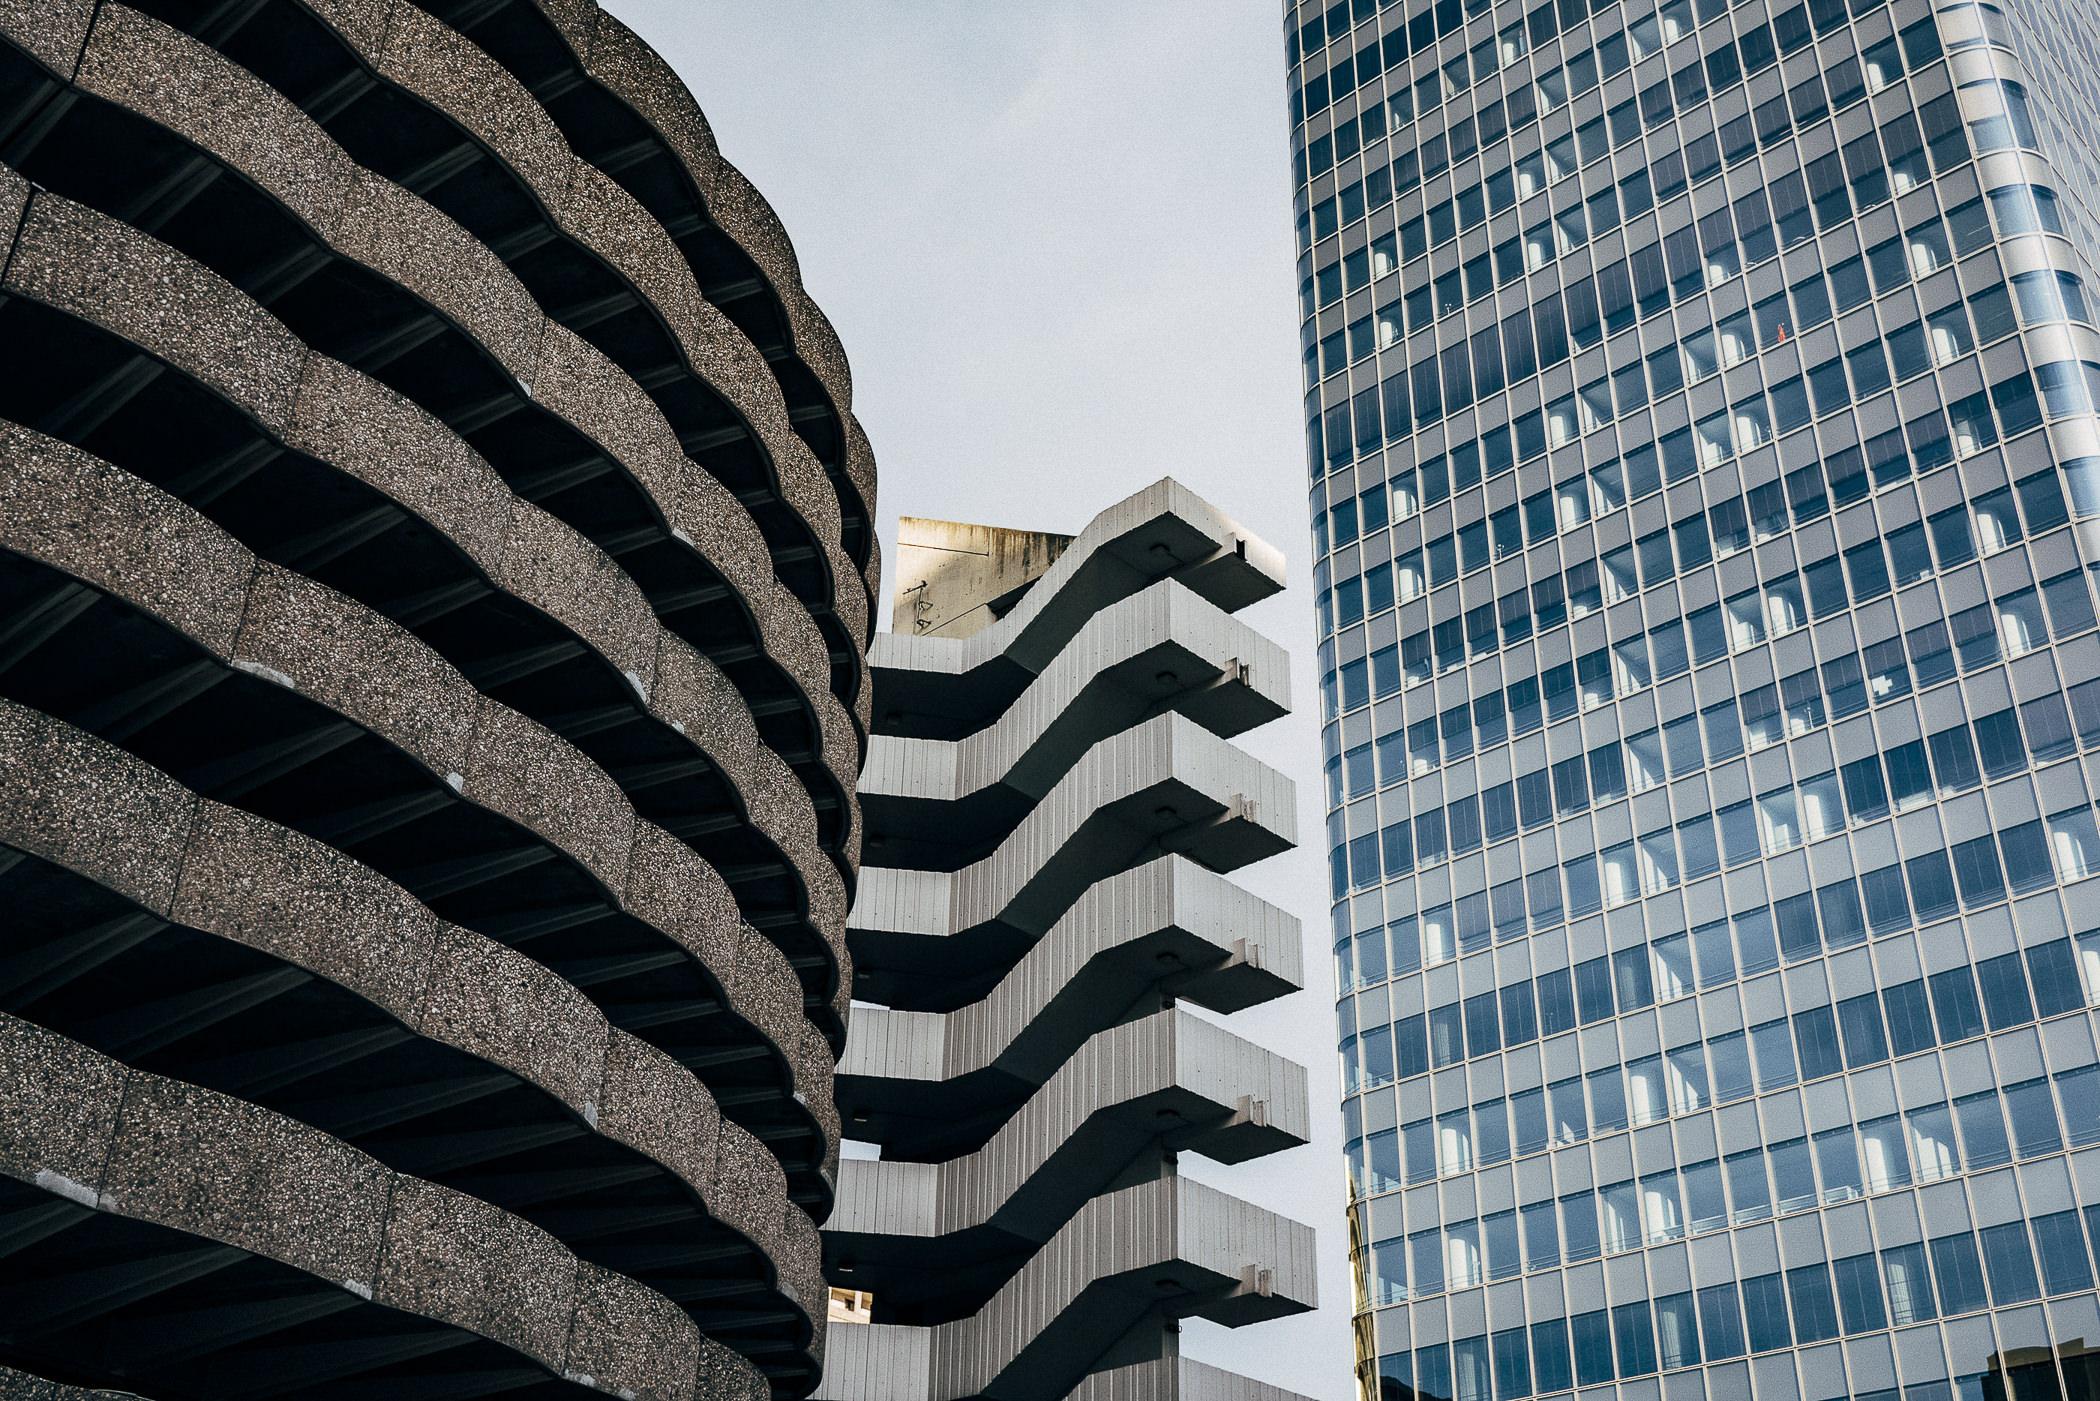 ARCHITECTURE_53.jpg